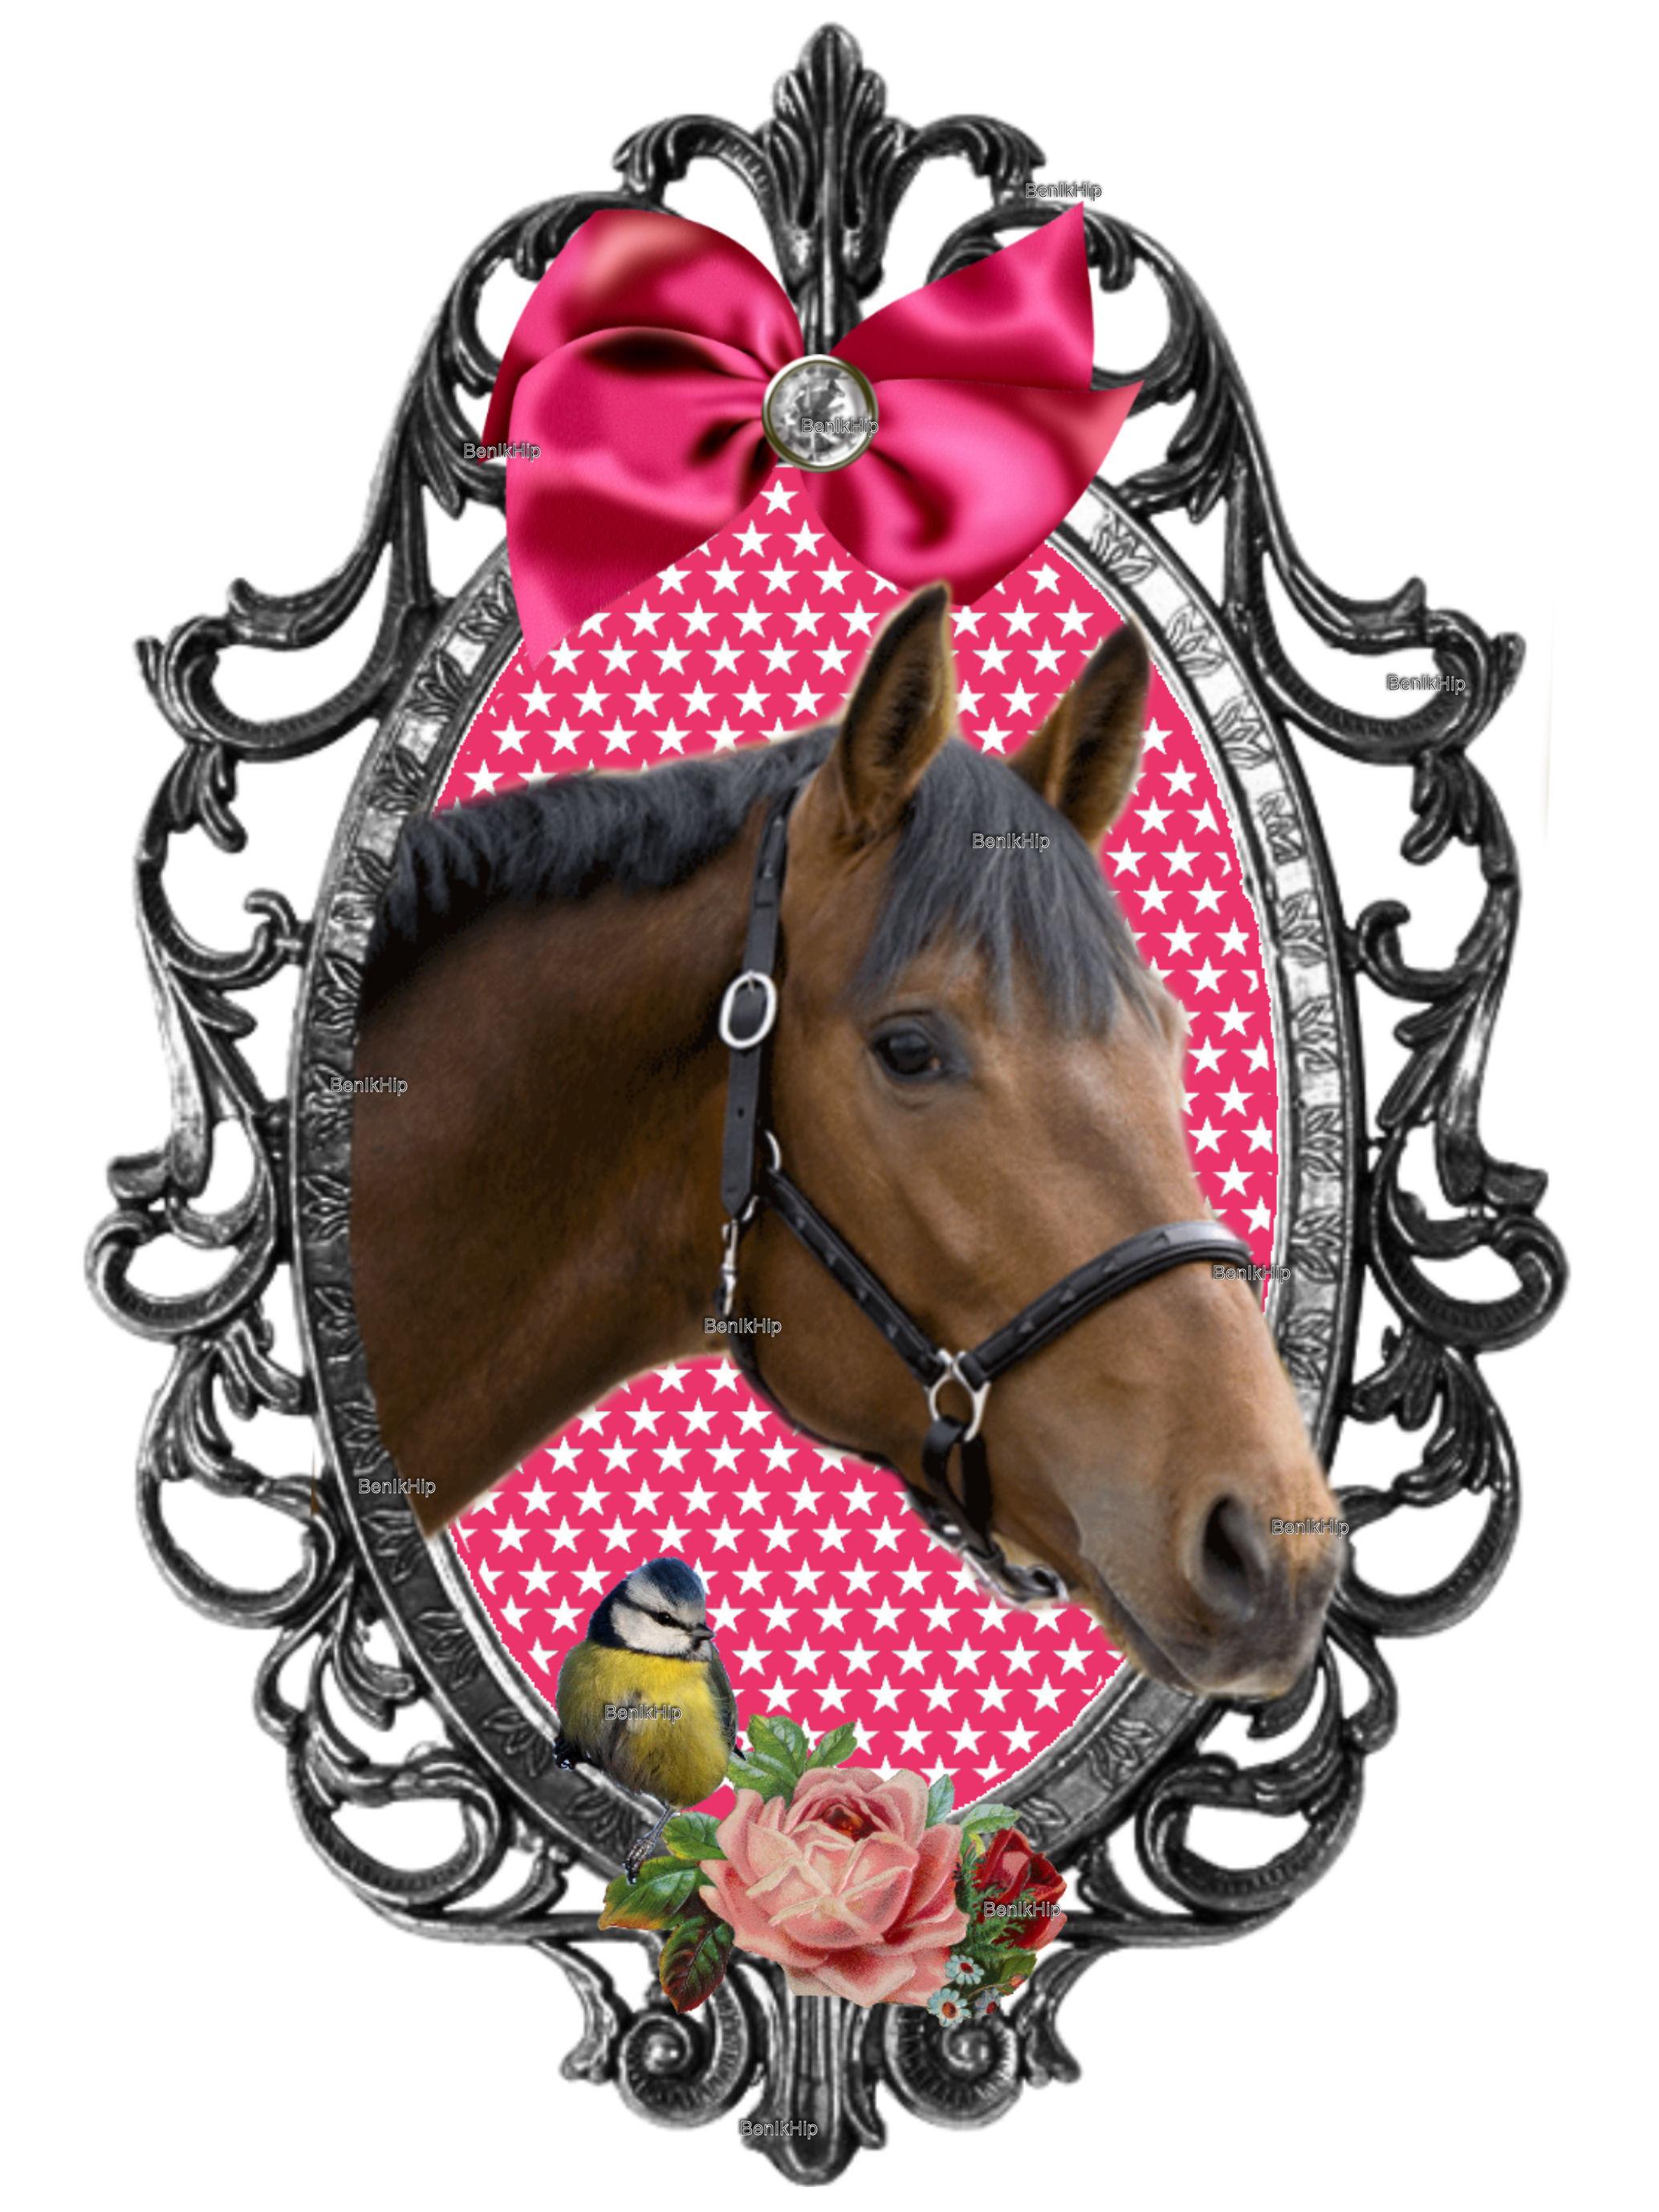 Schoudertas Met Paard : Strijkapplicatie full color paarden applicatie met sterren